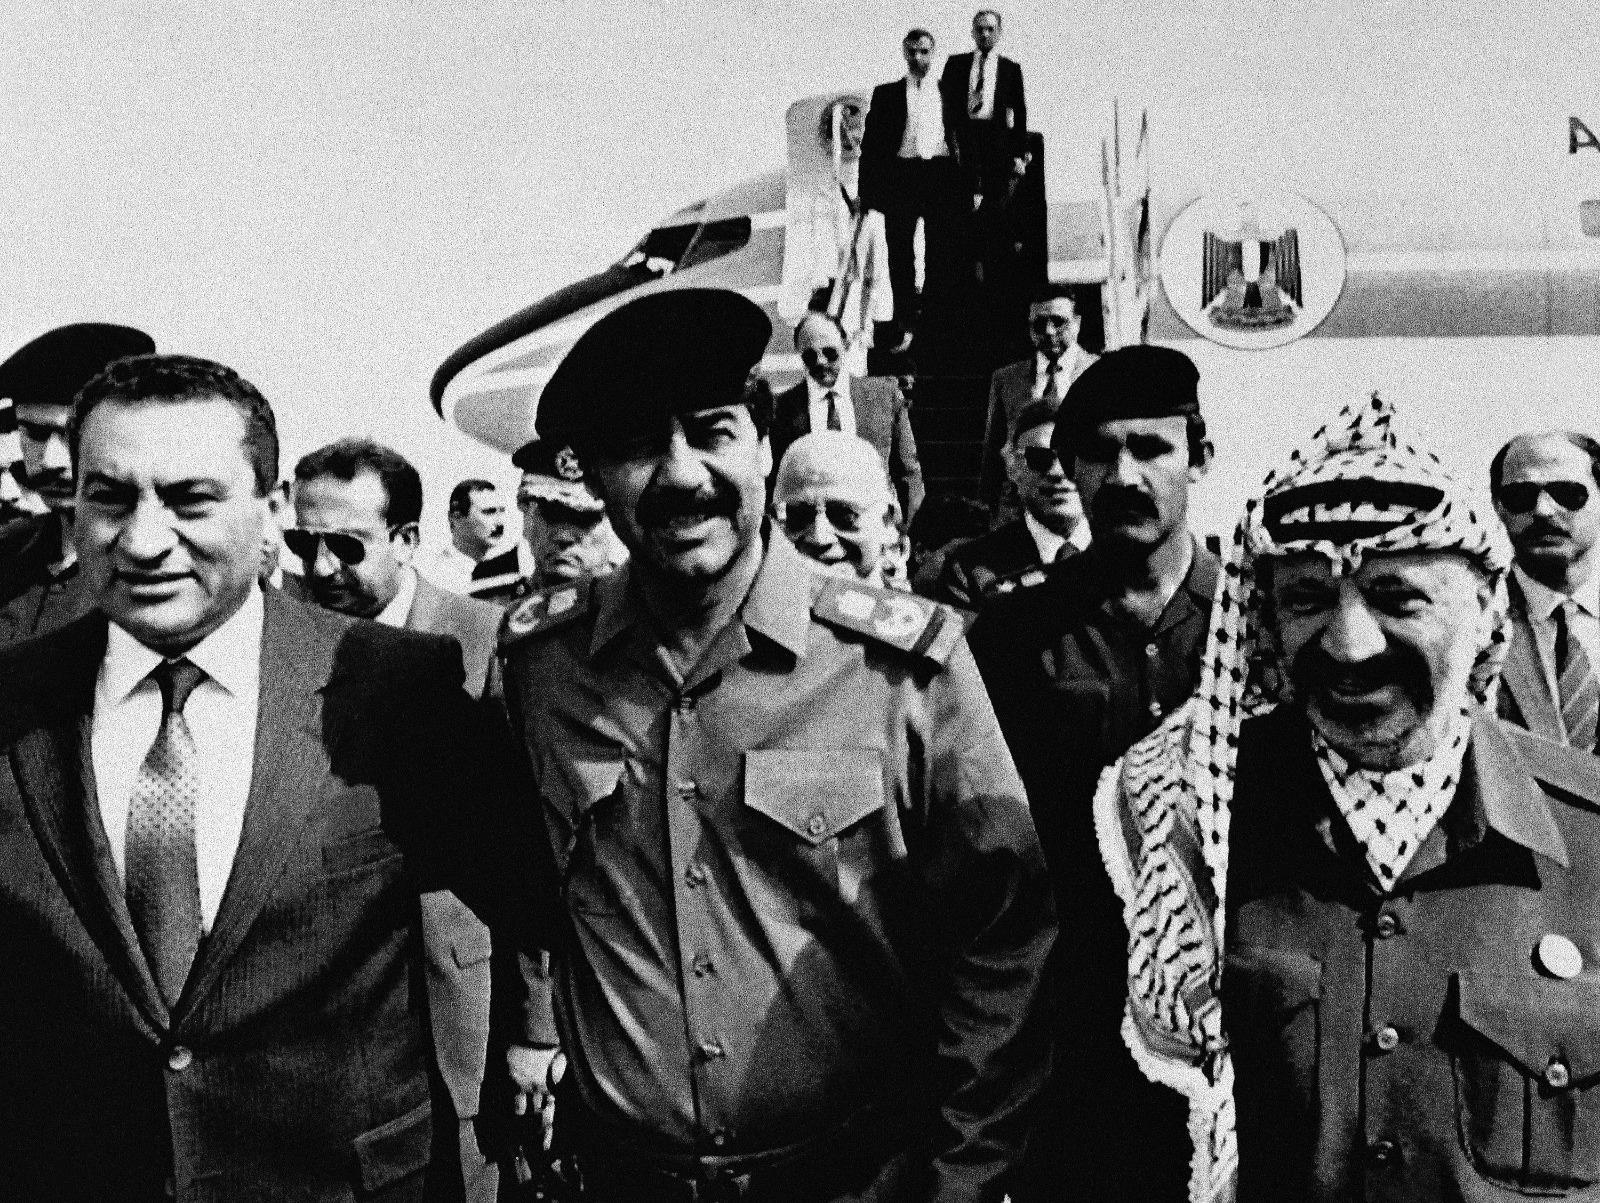 הכרזת העצמאות של ערפאת שרק דחתה את החלום הפלסטיני